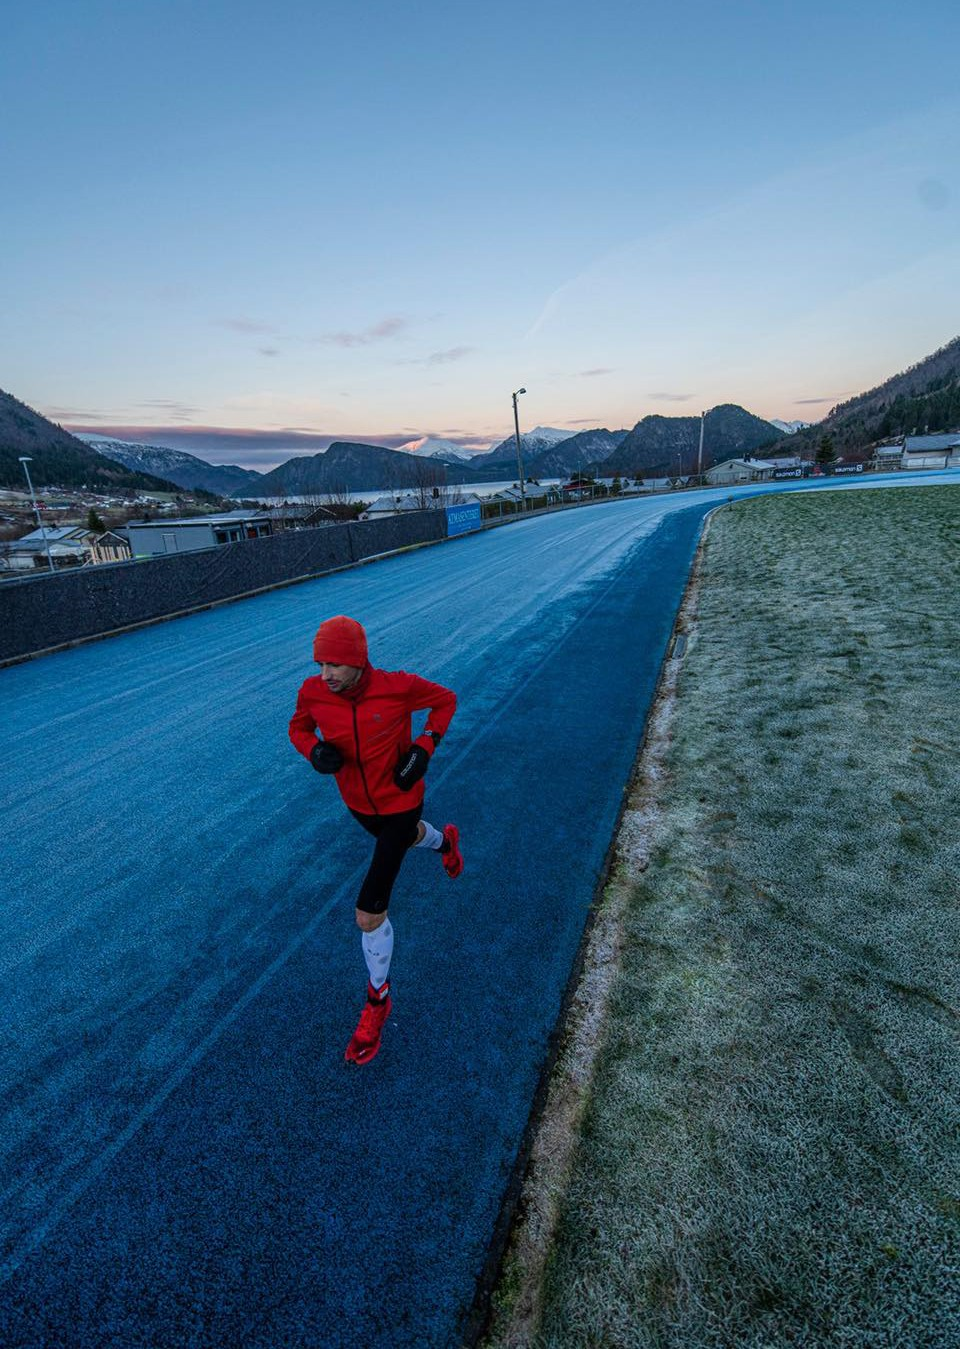 Kilian Jornet en su intento de 24 horas. Foto: Salomon